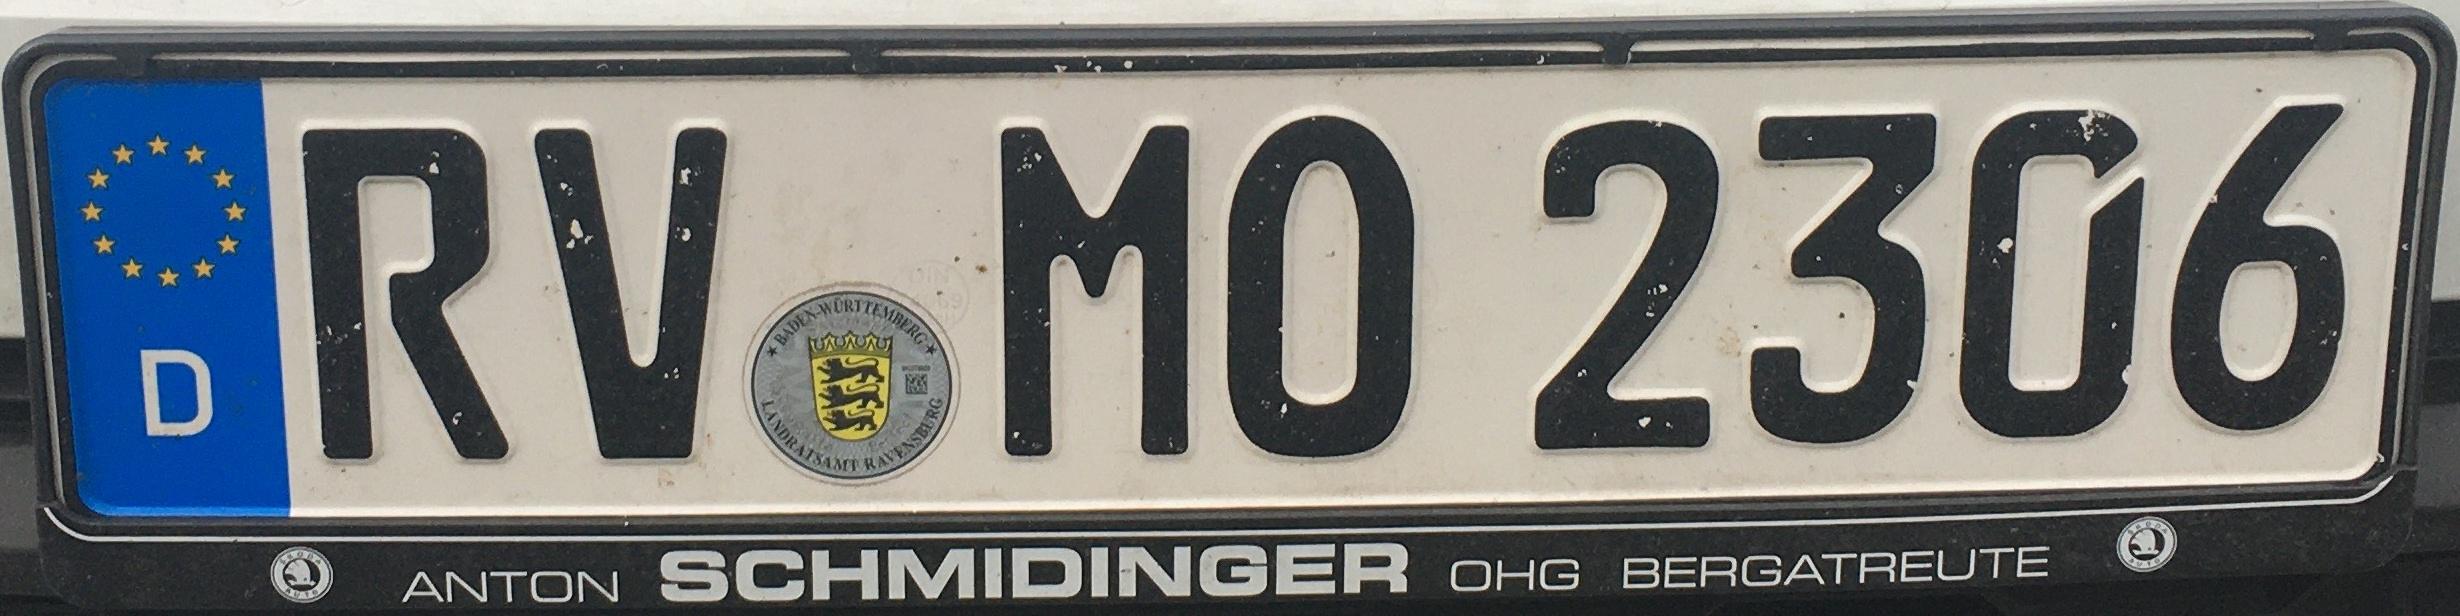 Registrační značky Německo - RV - Ravensburg, foto:www.podalnici.cz